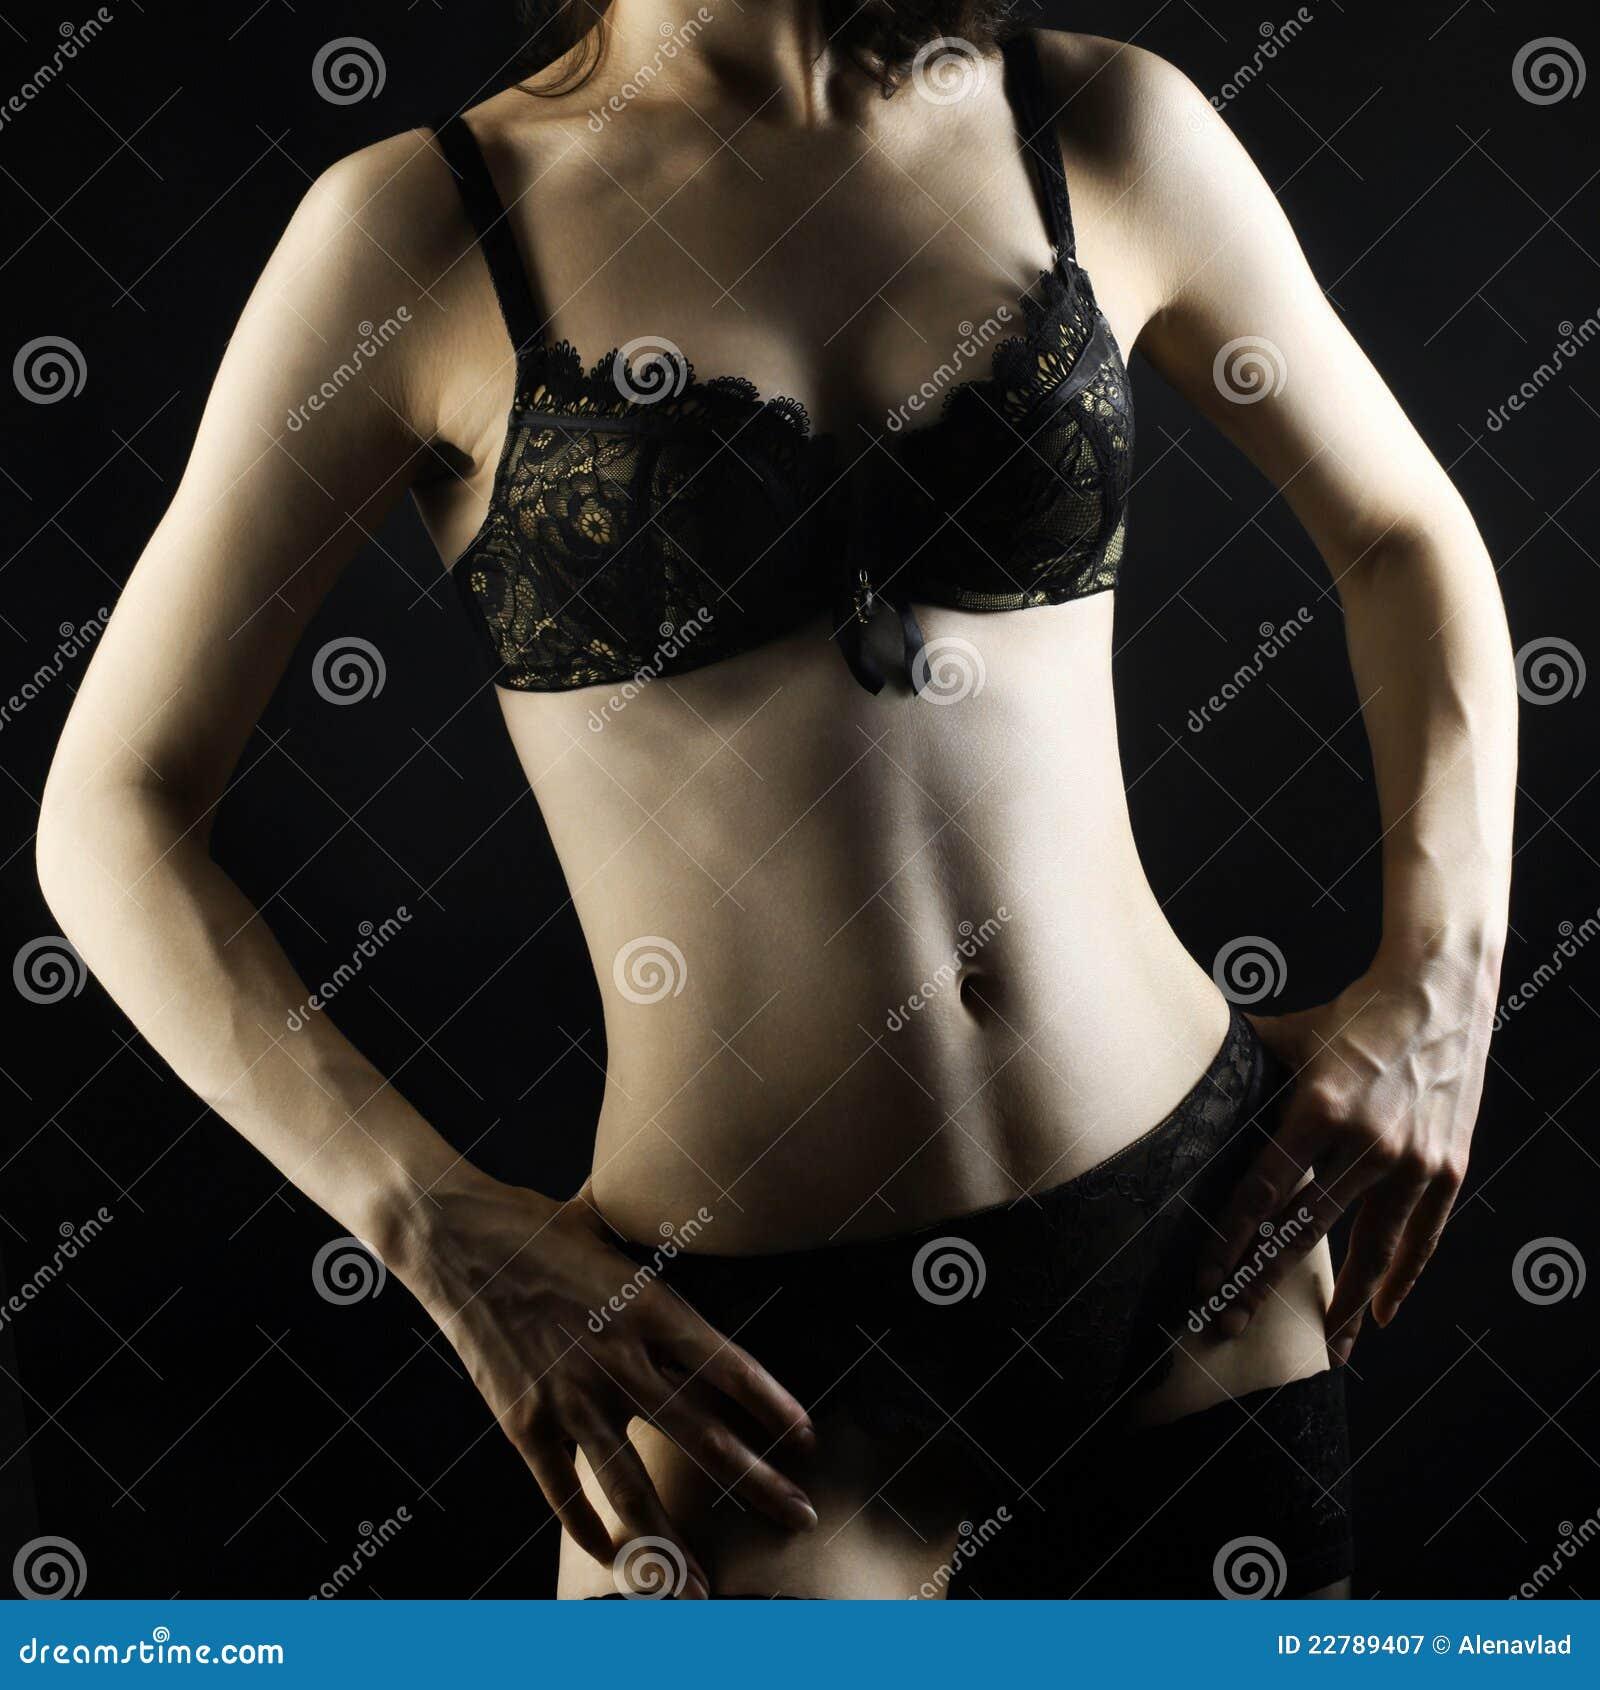 woman body in black lingerie